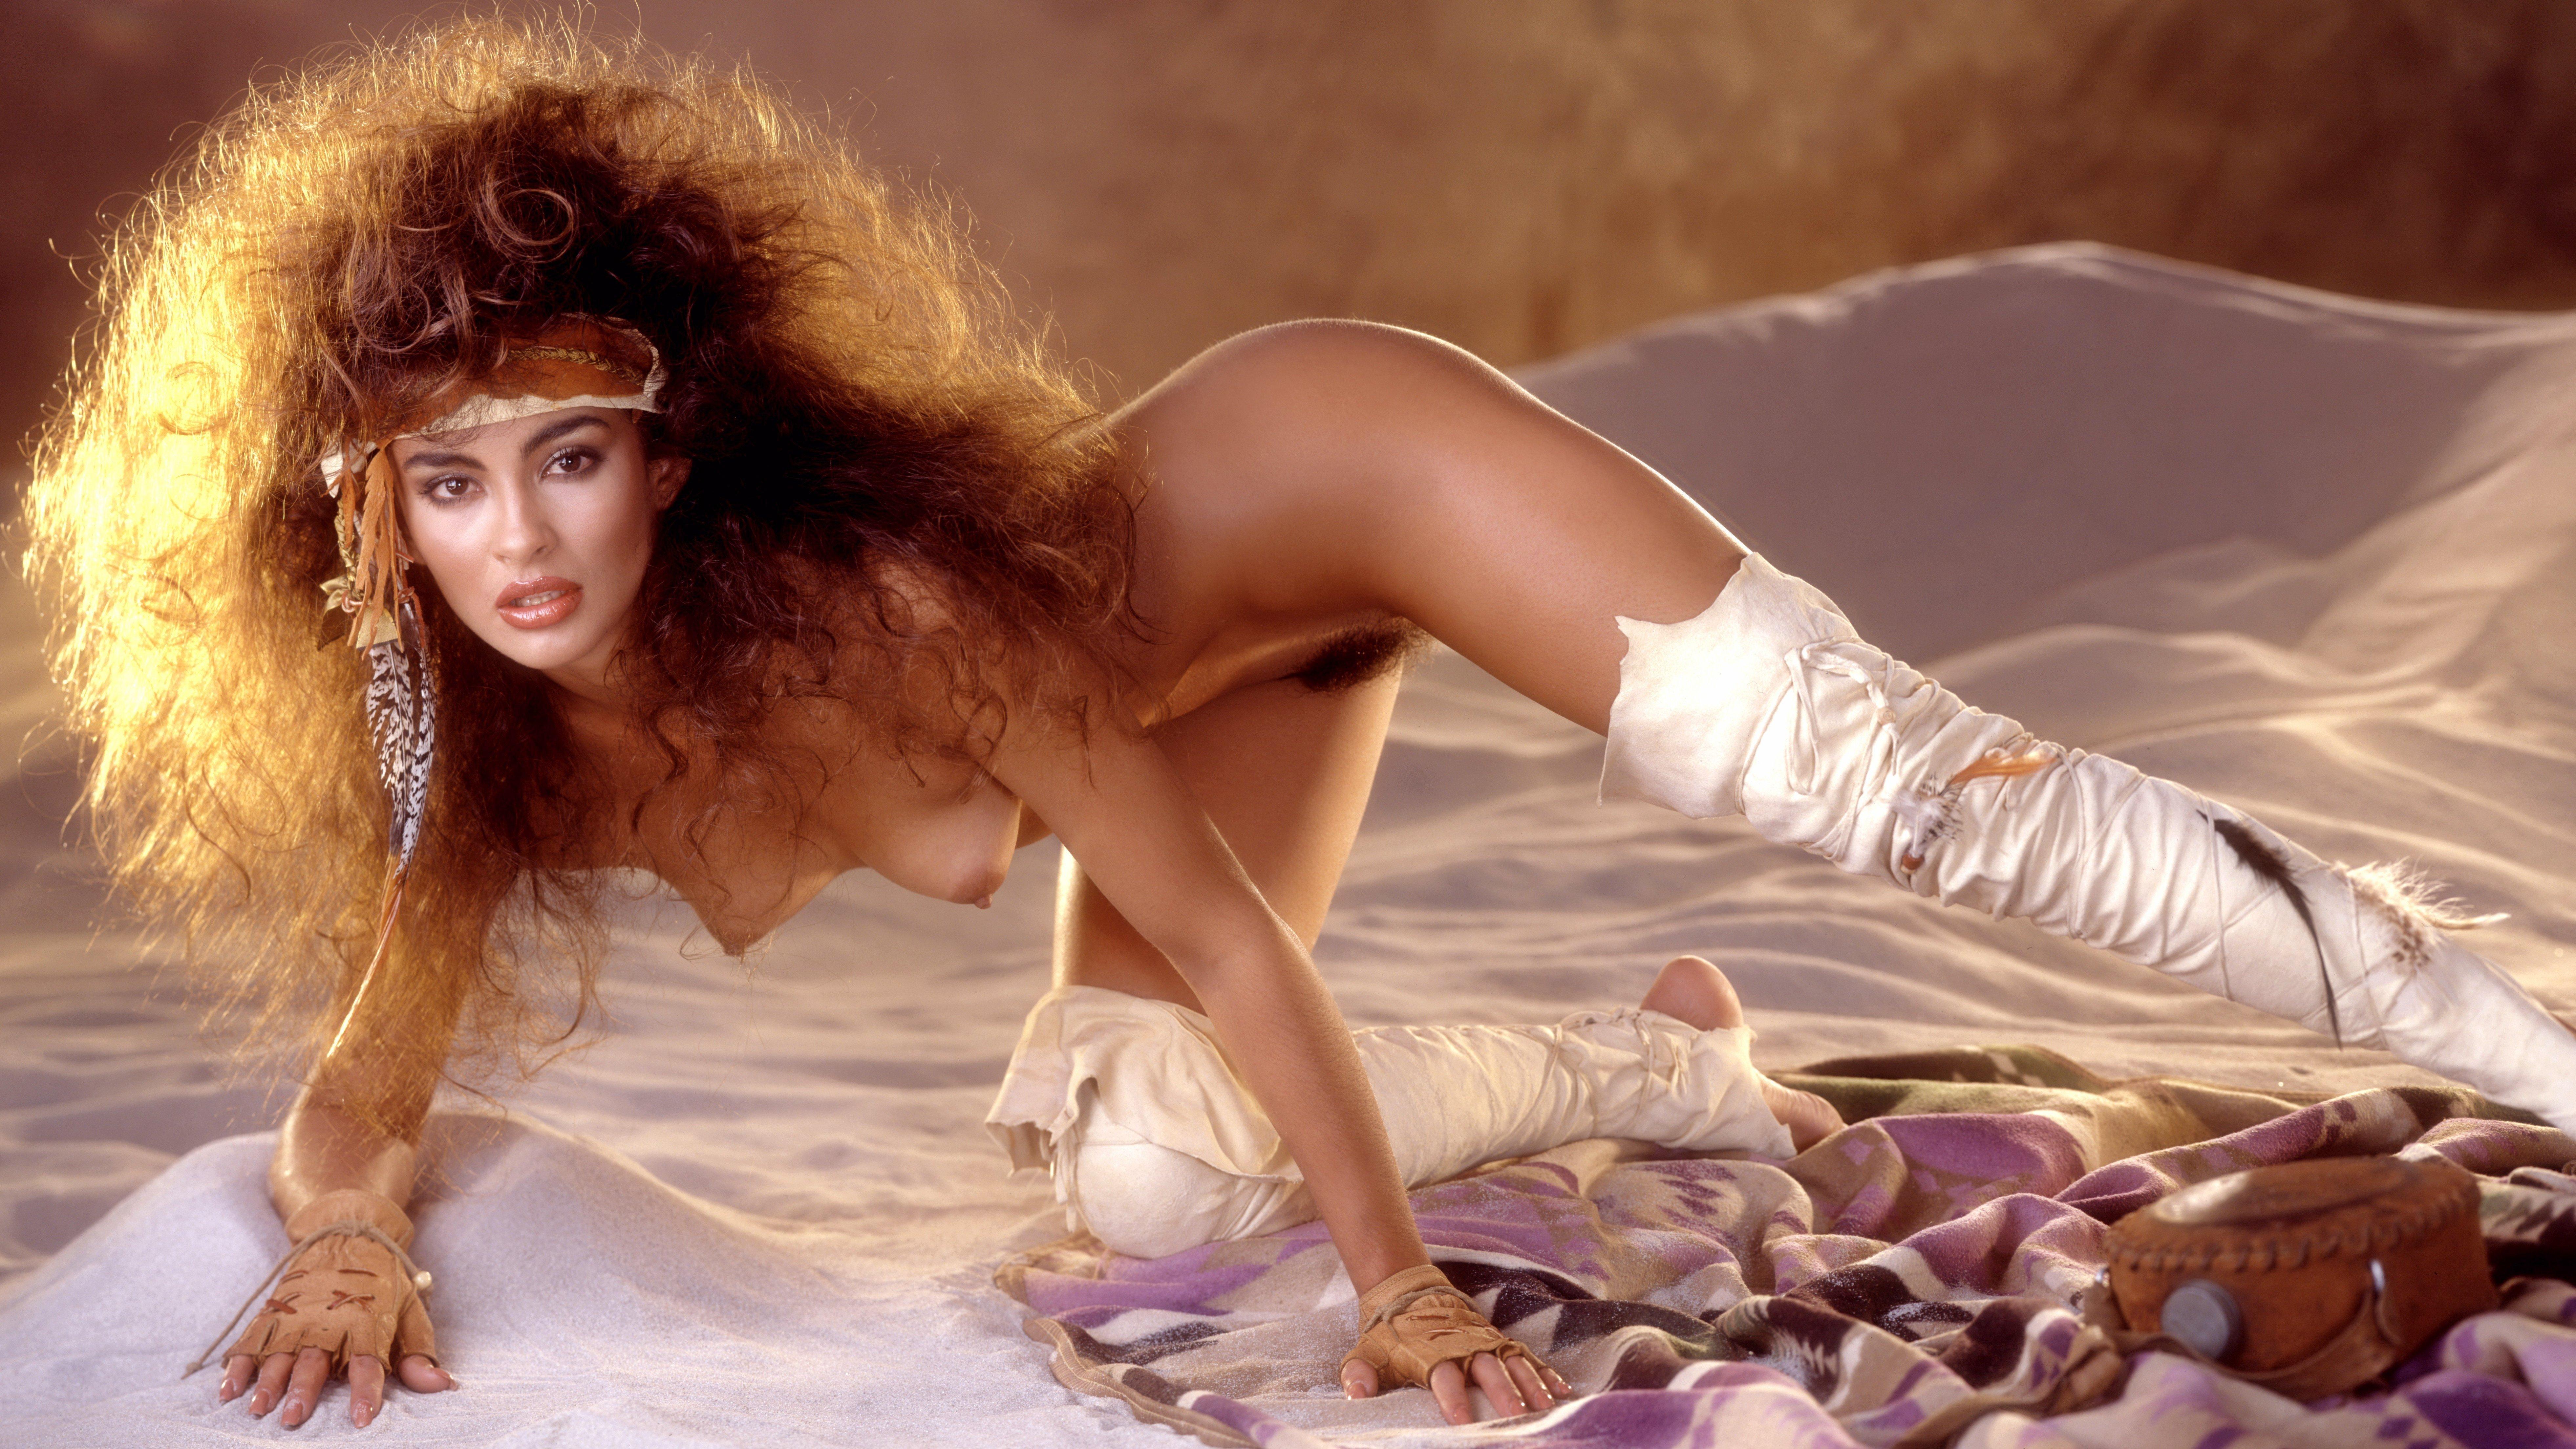 marguerite moreau naked